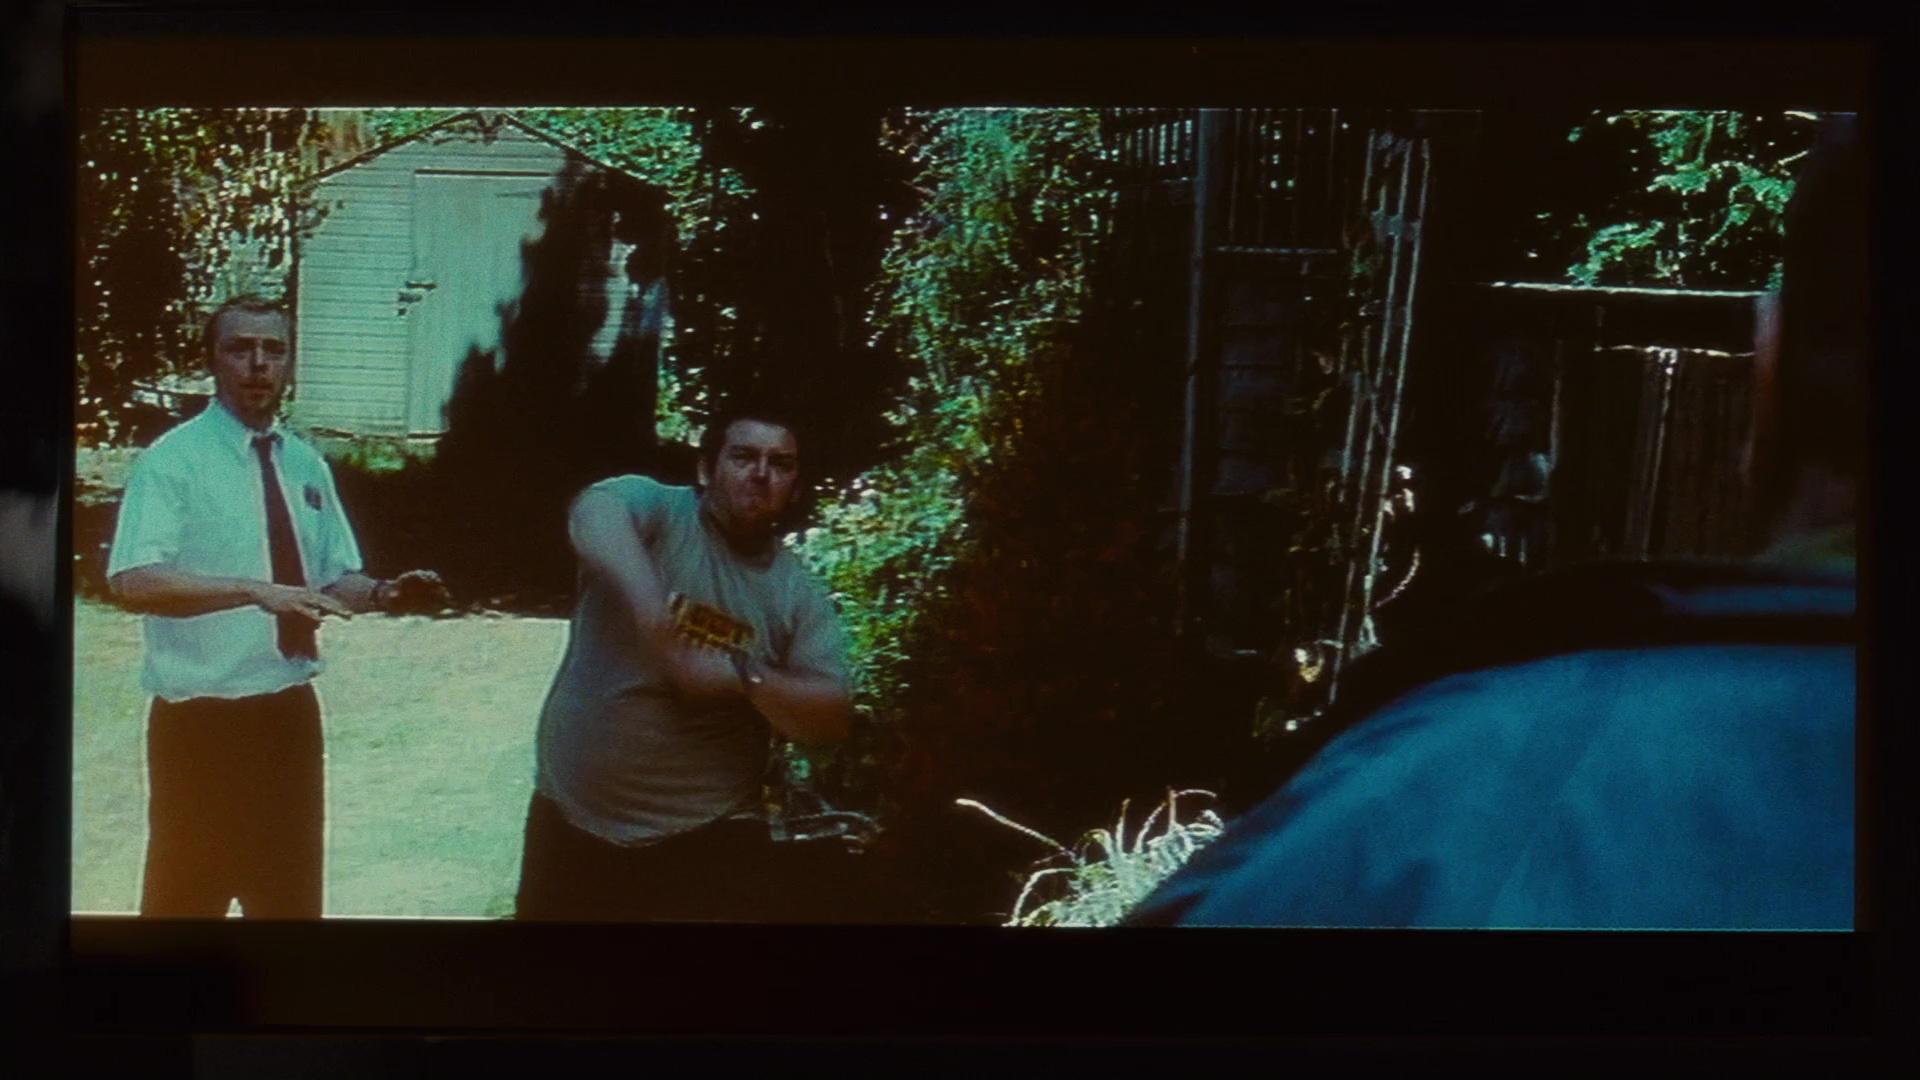 Scream 4 film still 7